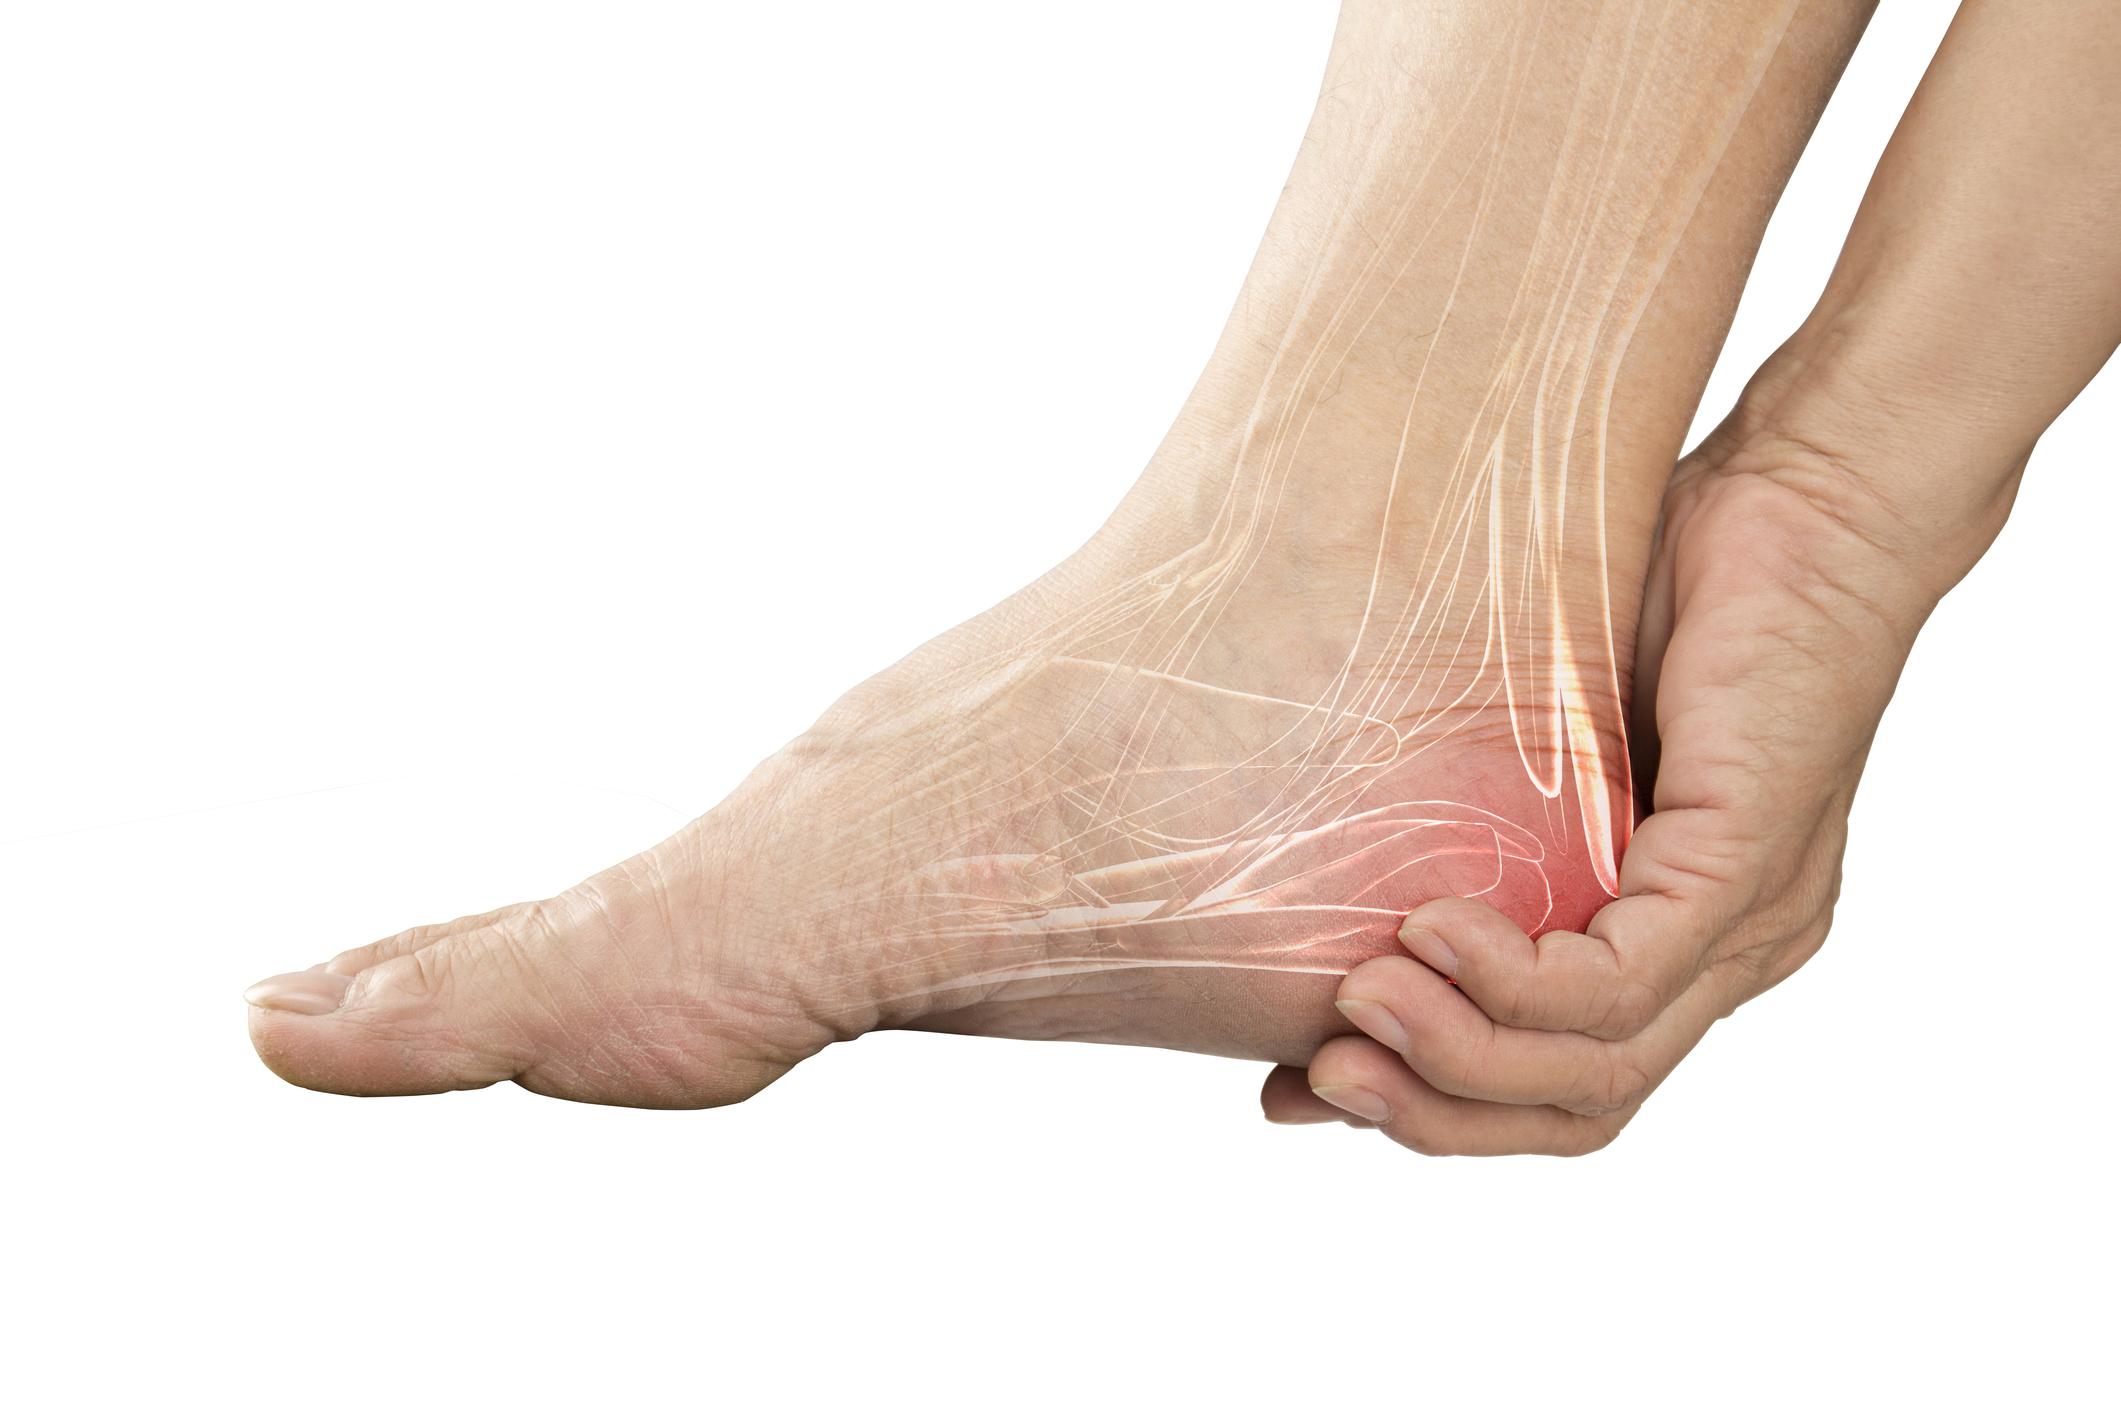 fájdalom a lábujjak ujjai ízületeiben